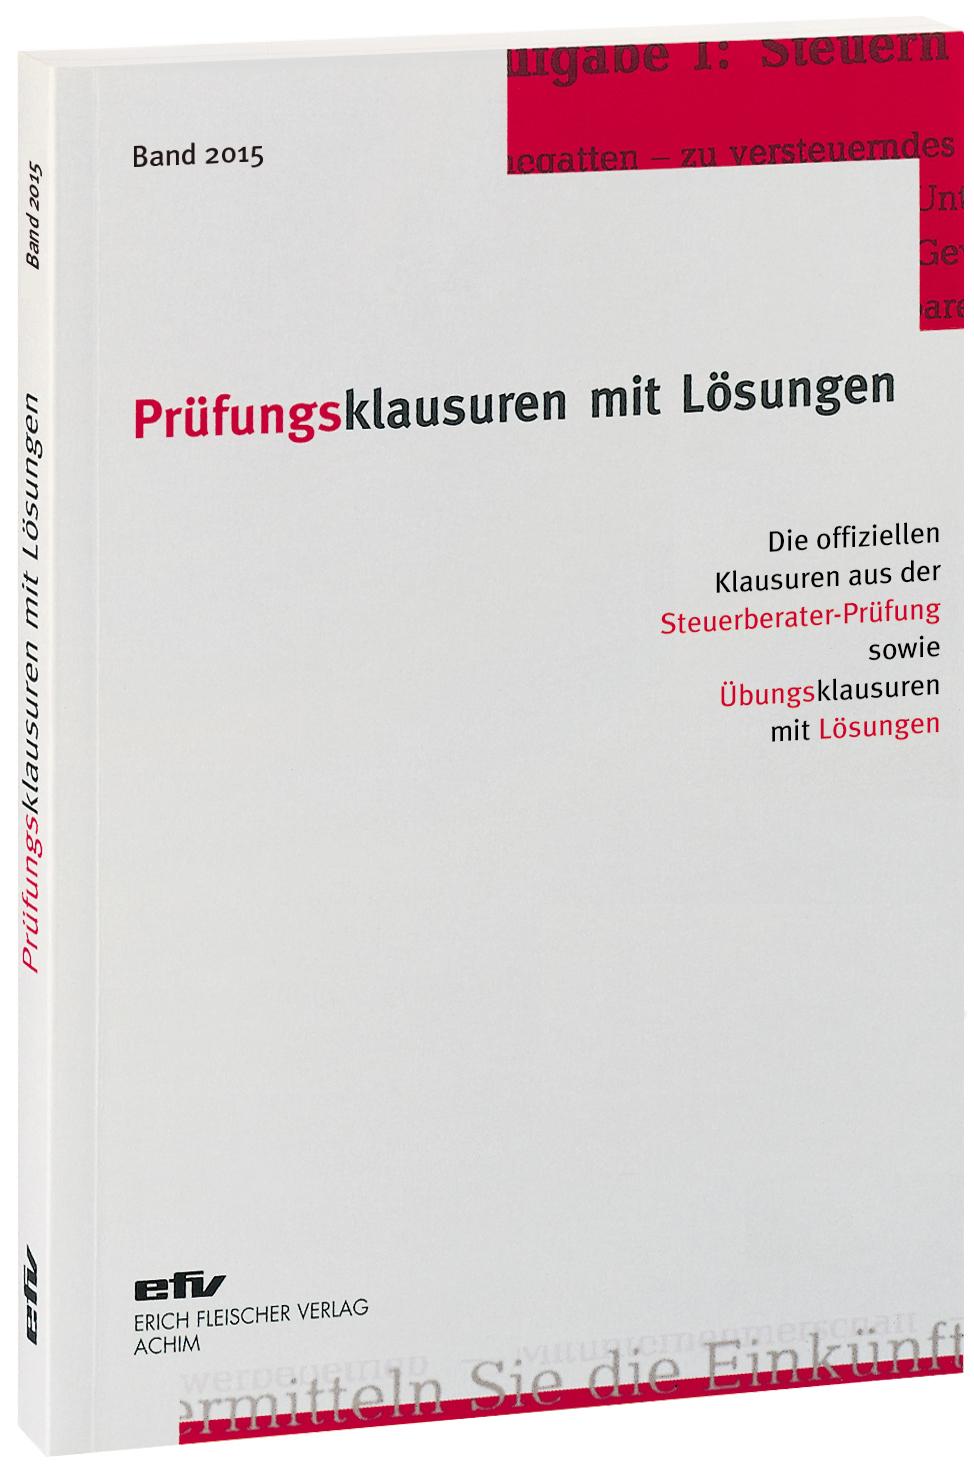 Pruefungsklausuren-mit-Loesungen-Band-2015